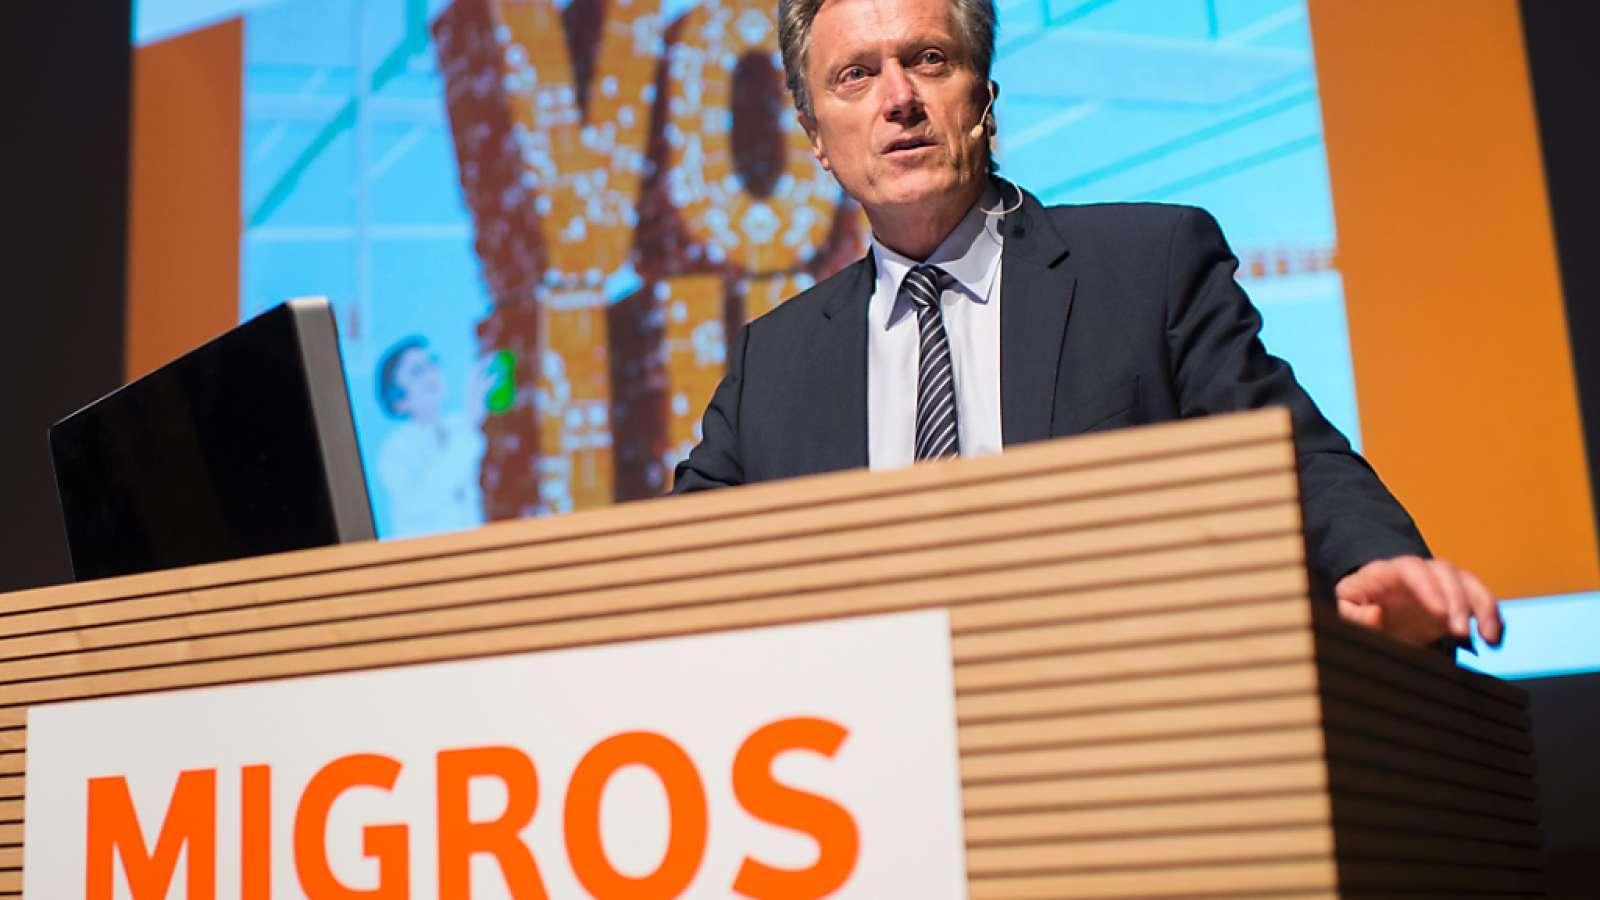 Nach einem fast kompletten Berufsleben bei Migros sagt Chef Herbert Bolliger: «Ich bereue nichts.» (Archivbild)